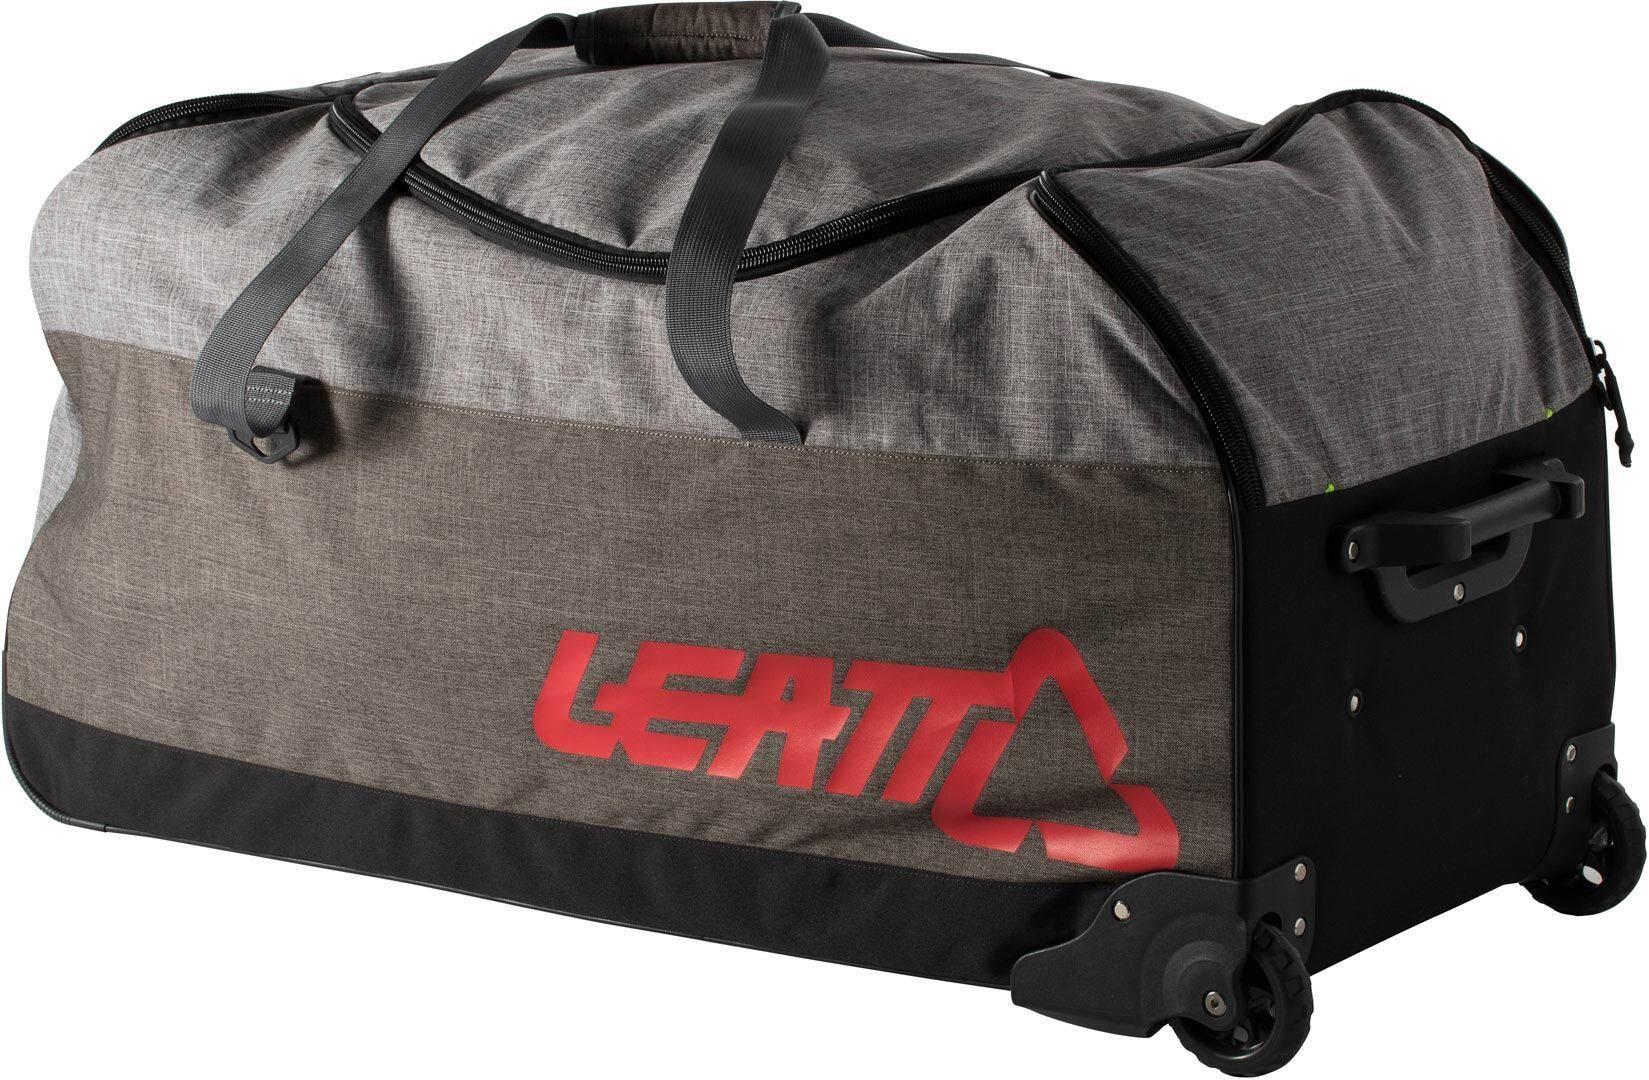 Leatt Gear Trolley 8840 145l Bag  - Size: One Size